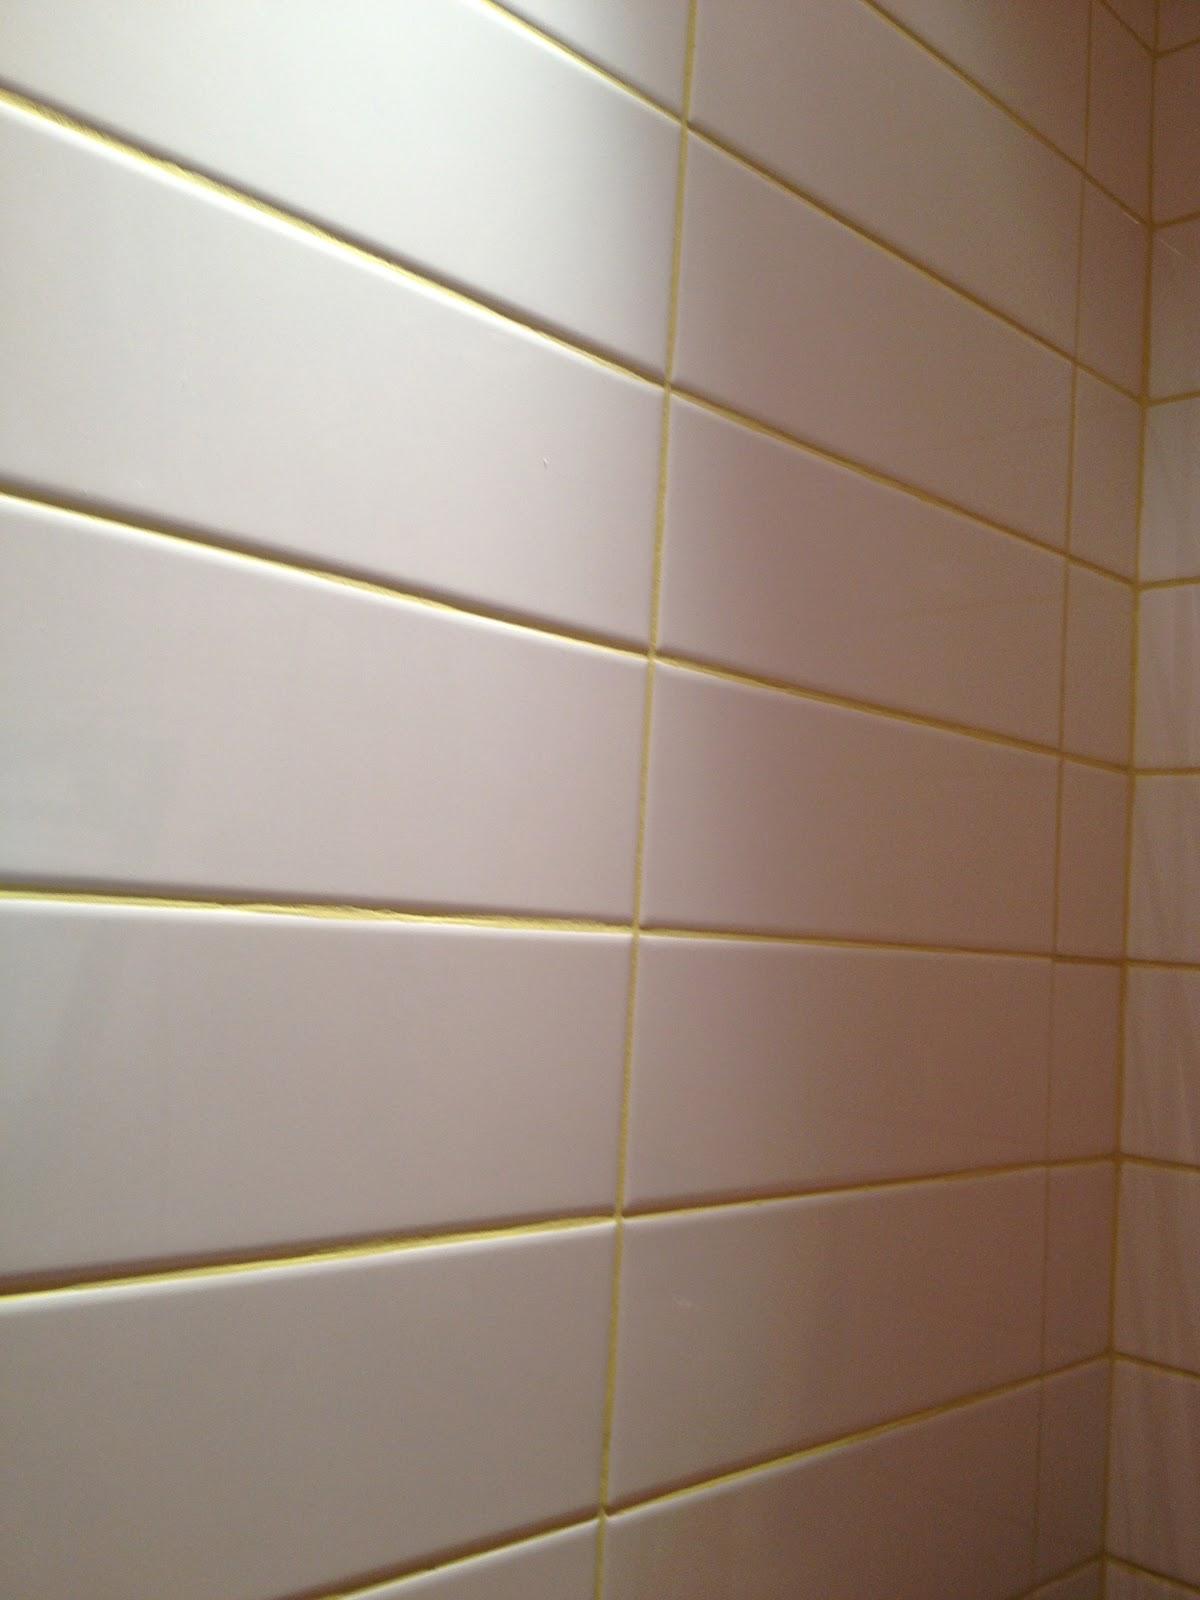 Azulejos brancos com rejuntes coloridos uma boa opção #503723 1200x1600 Banheiro Branco Com Rejunte Escuro